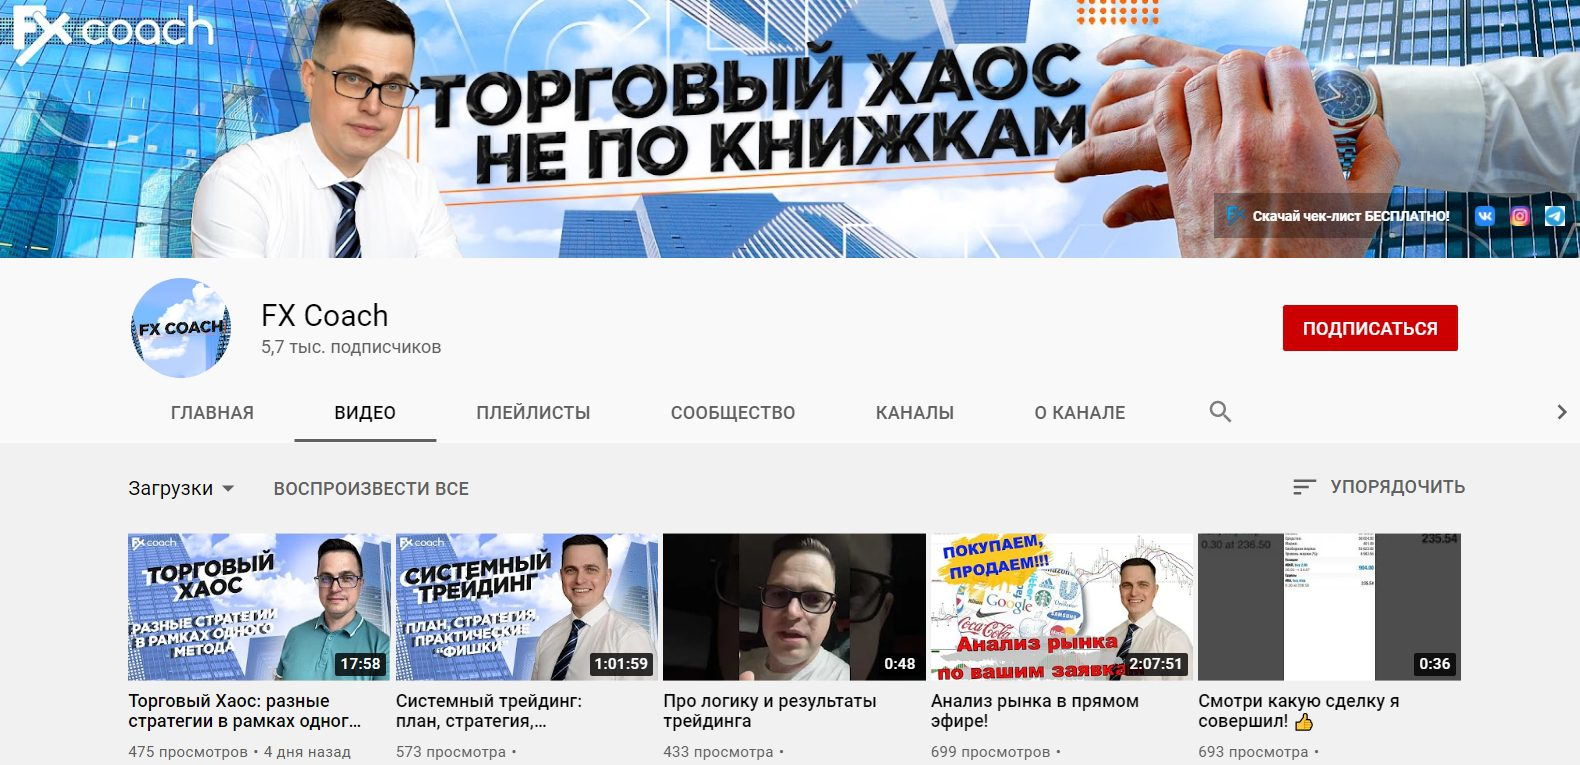 Ютуб канал Котина